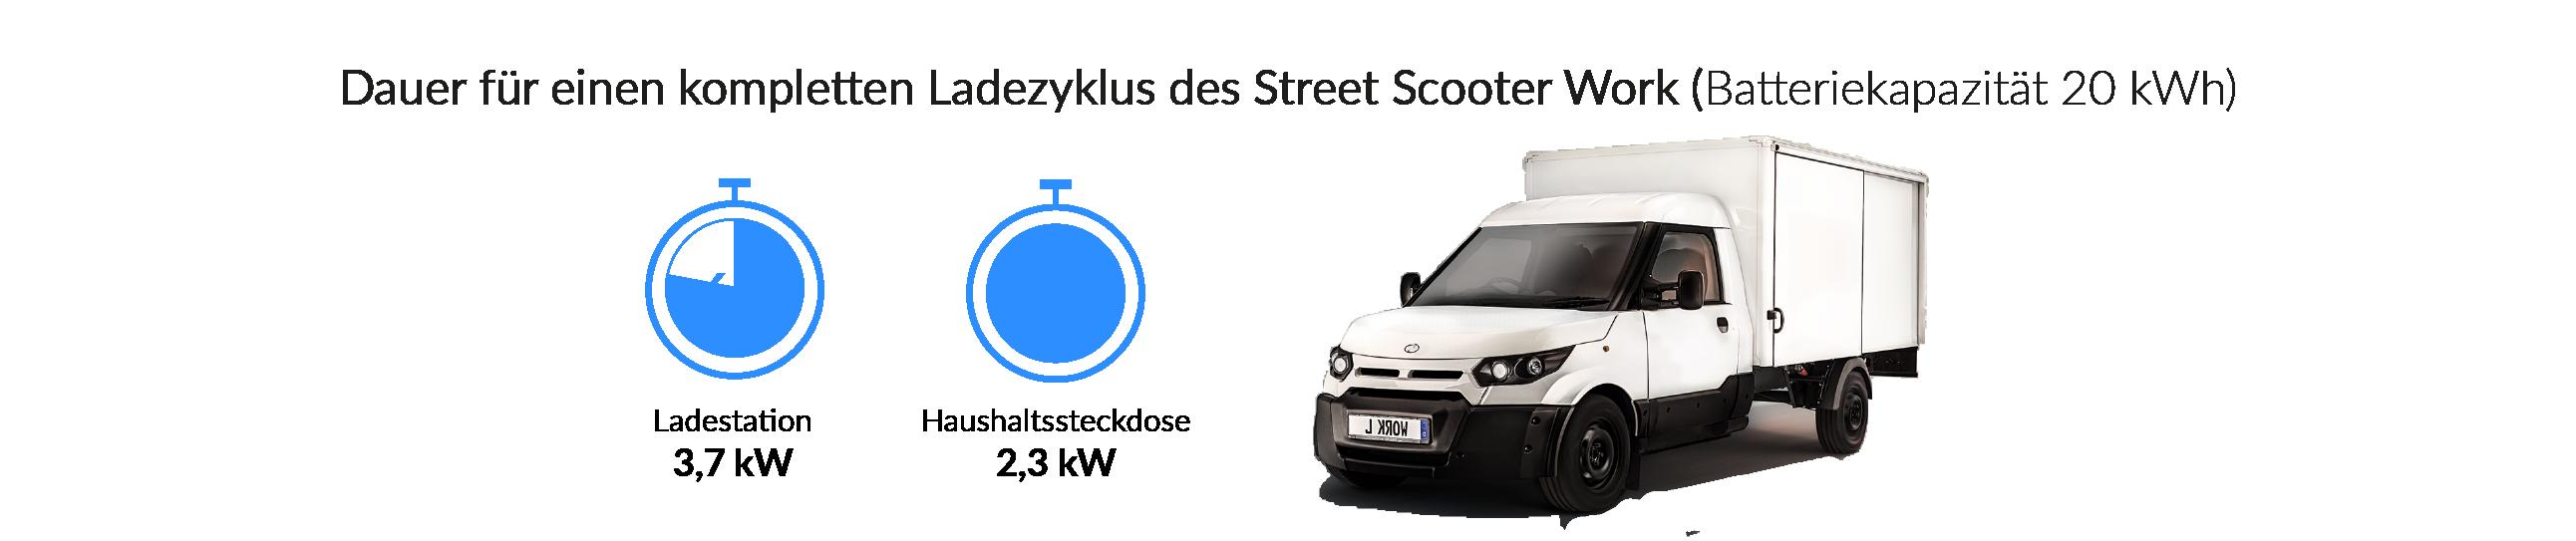 Ladezeiten des StreetScooter Work